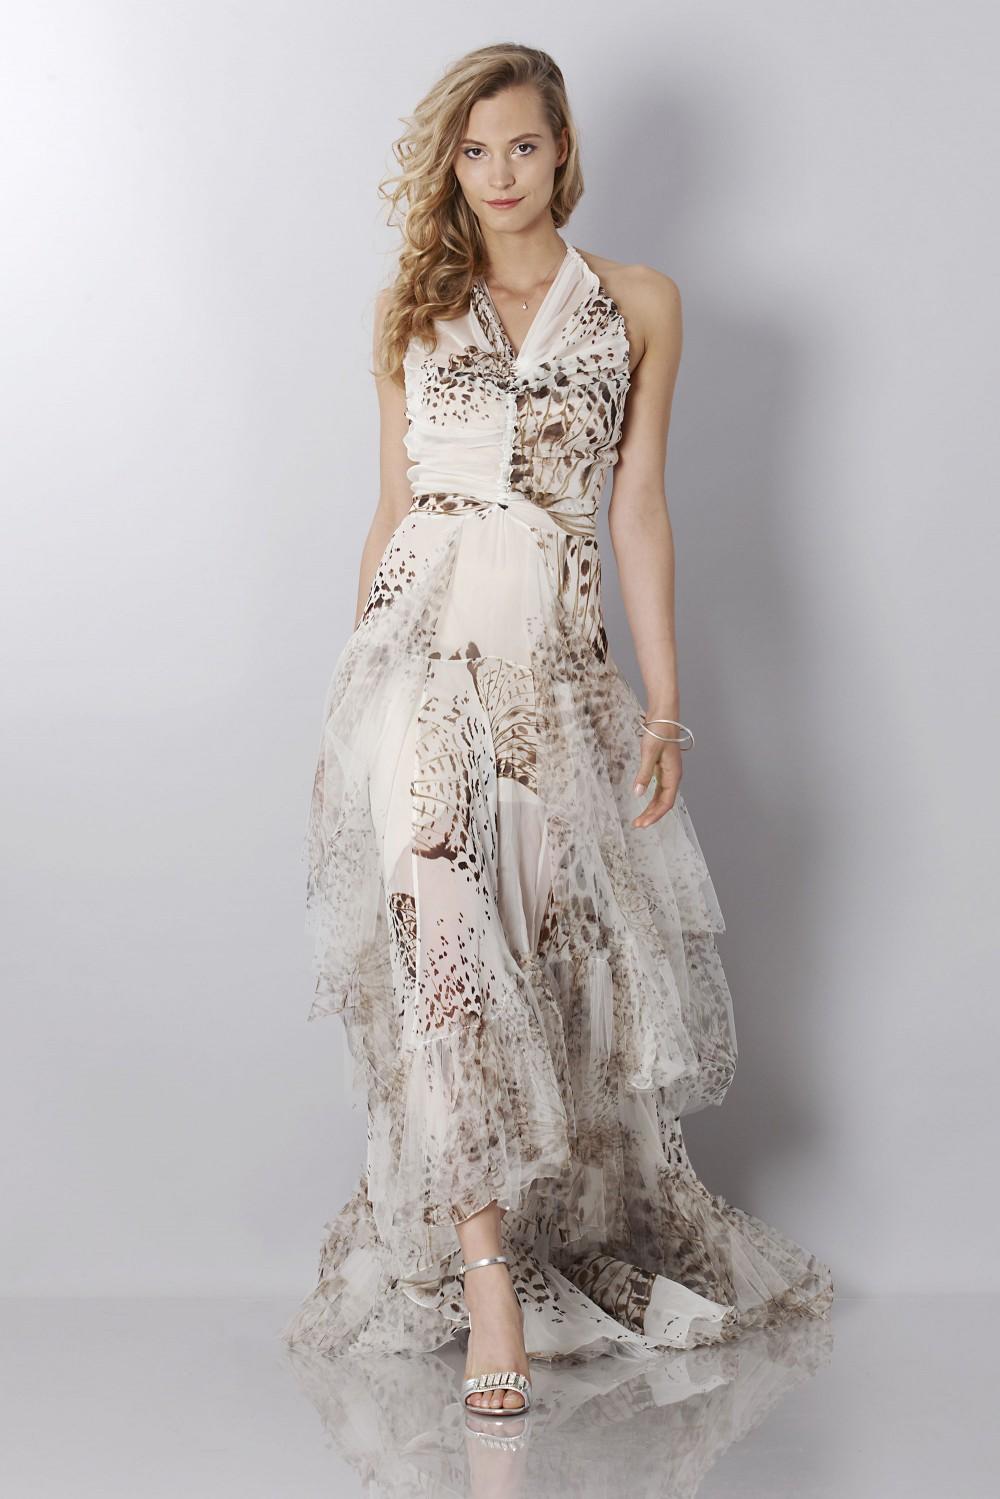 Vendita Abbigliamento Usato FIrmato - Animalier silk dress - Blumarine - Drexcode -7